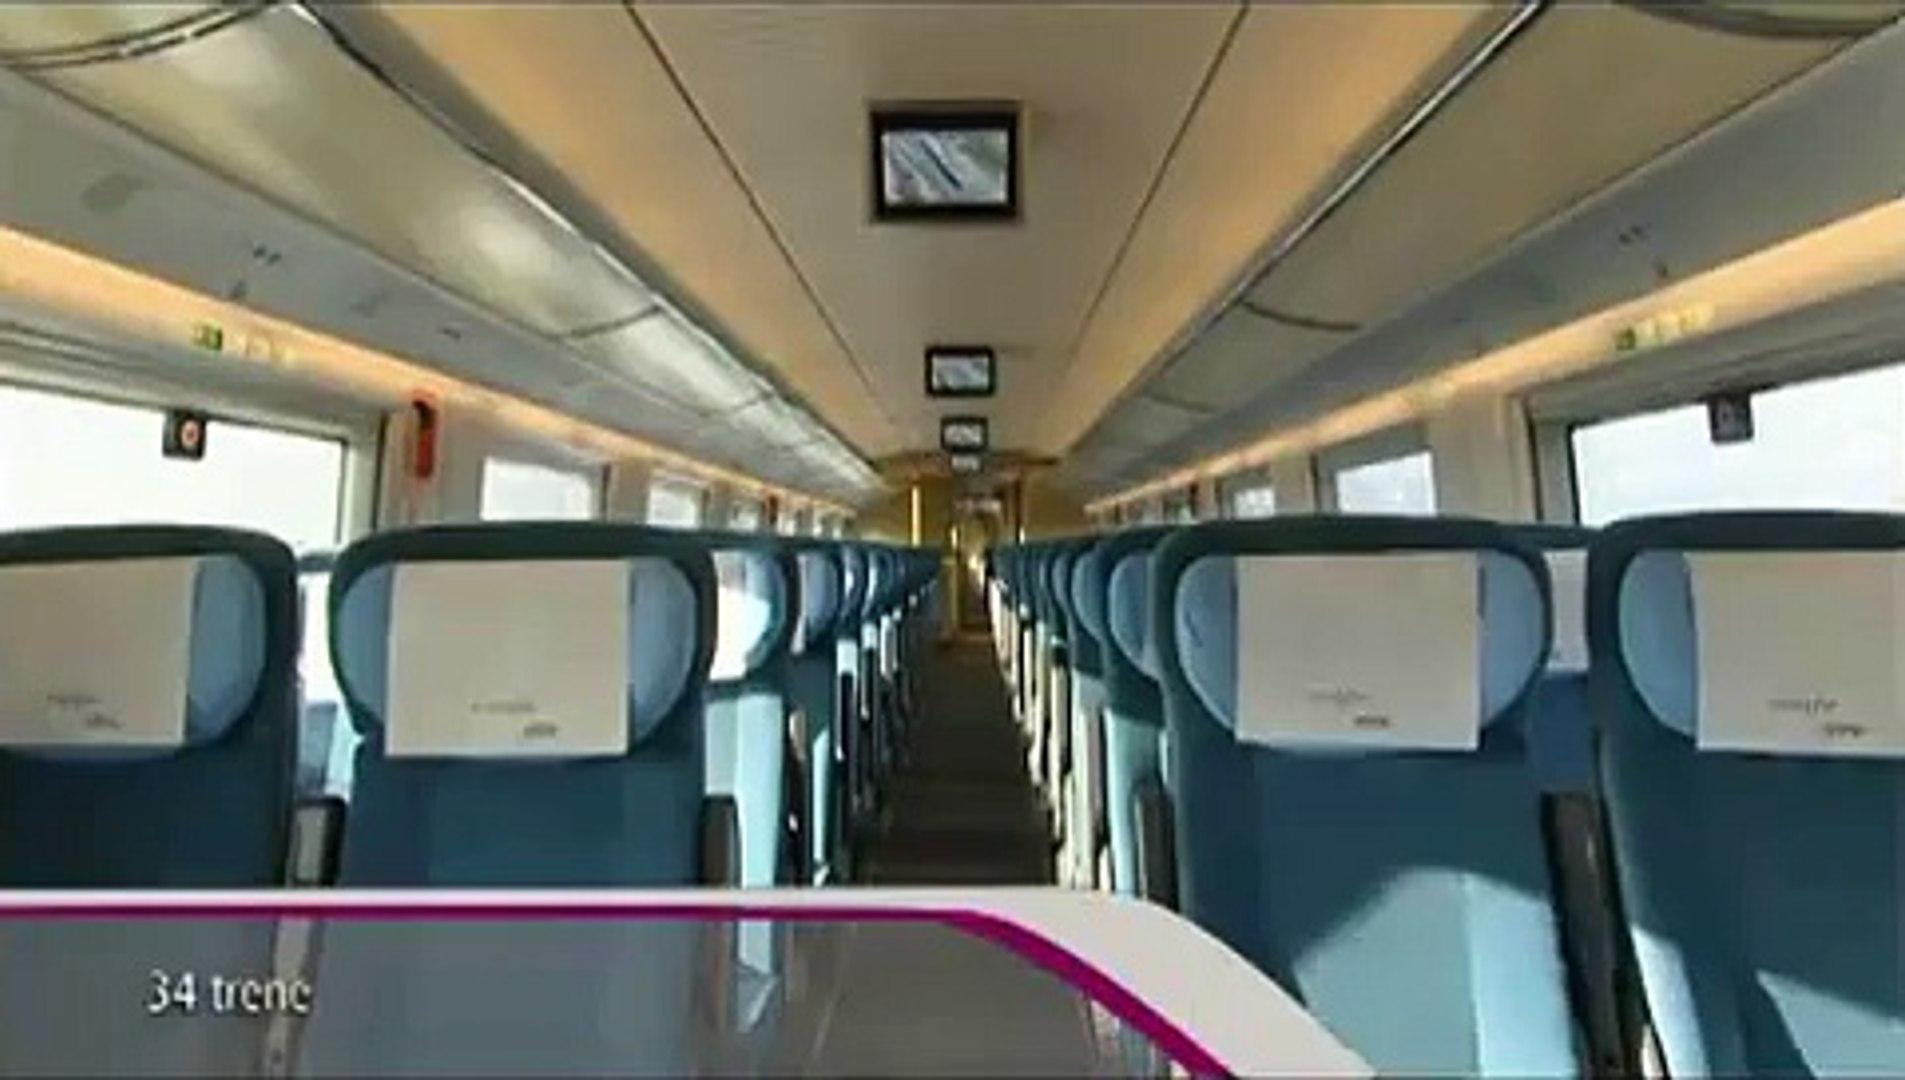 fast train - ave renfe - alta velocidad españa - spain